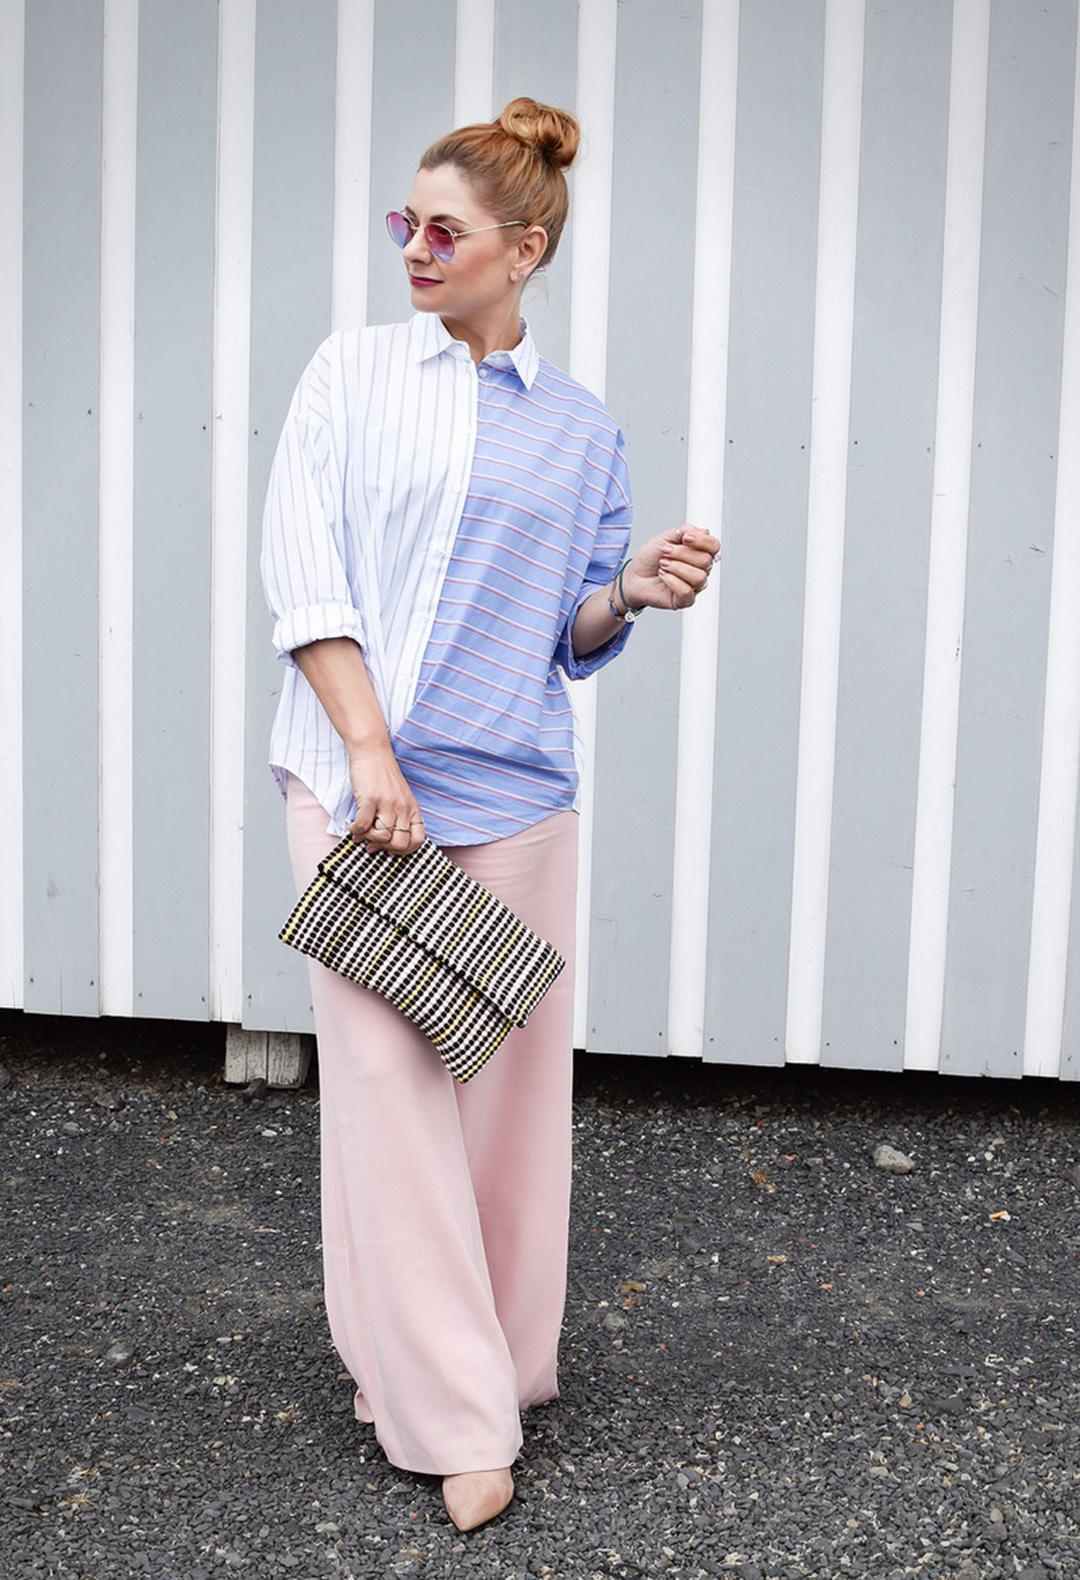 Modeblog für Frauen, Outfits für Frauen über 40, Modeinspiration